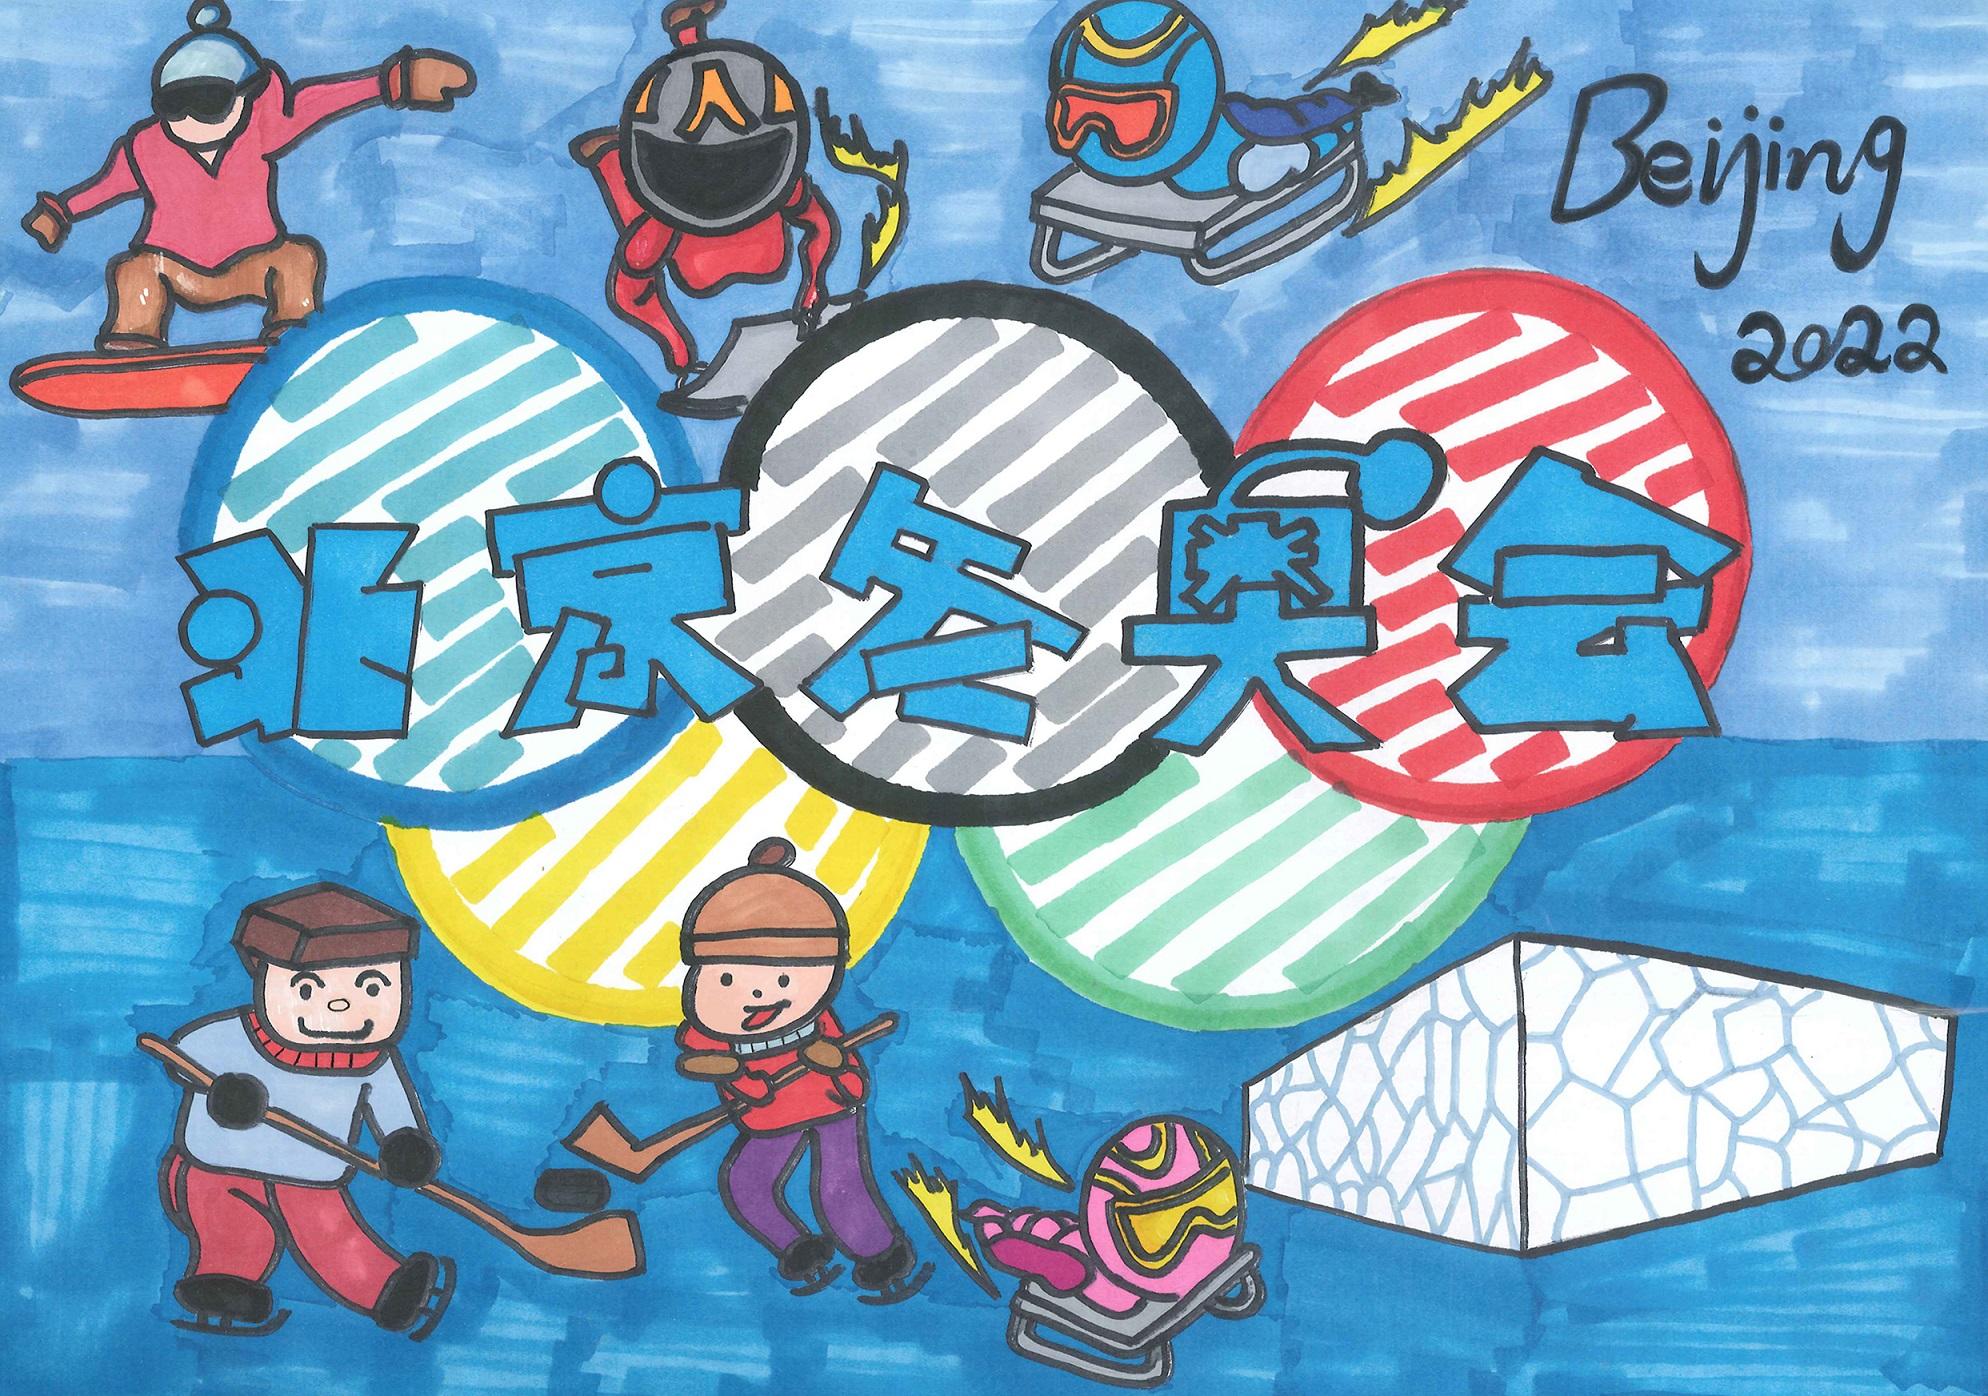 激情冬奥 Passionate Winter Olympics+张靖妍 Zhang Jingyan